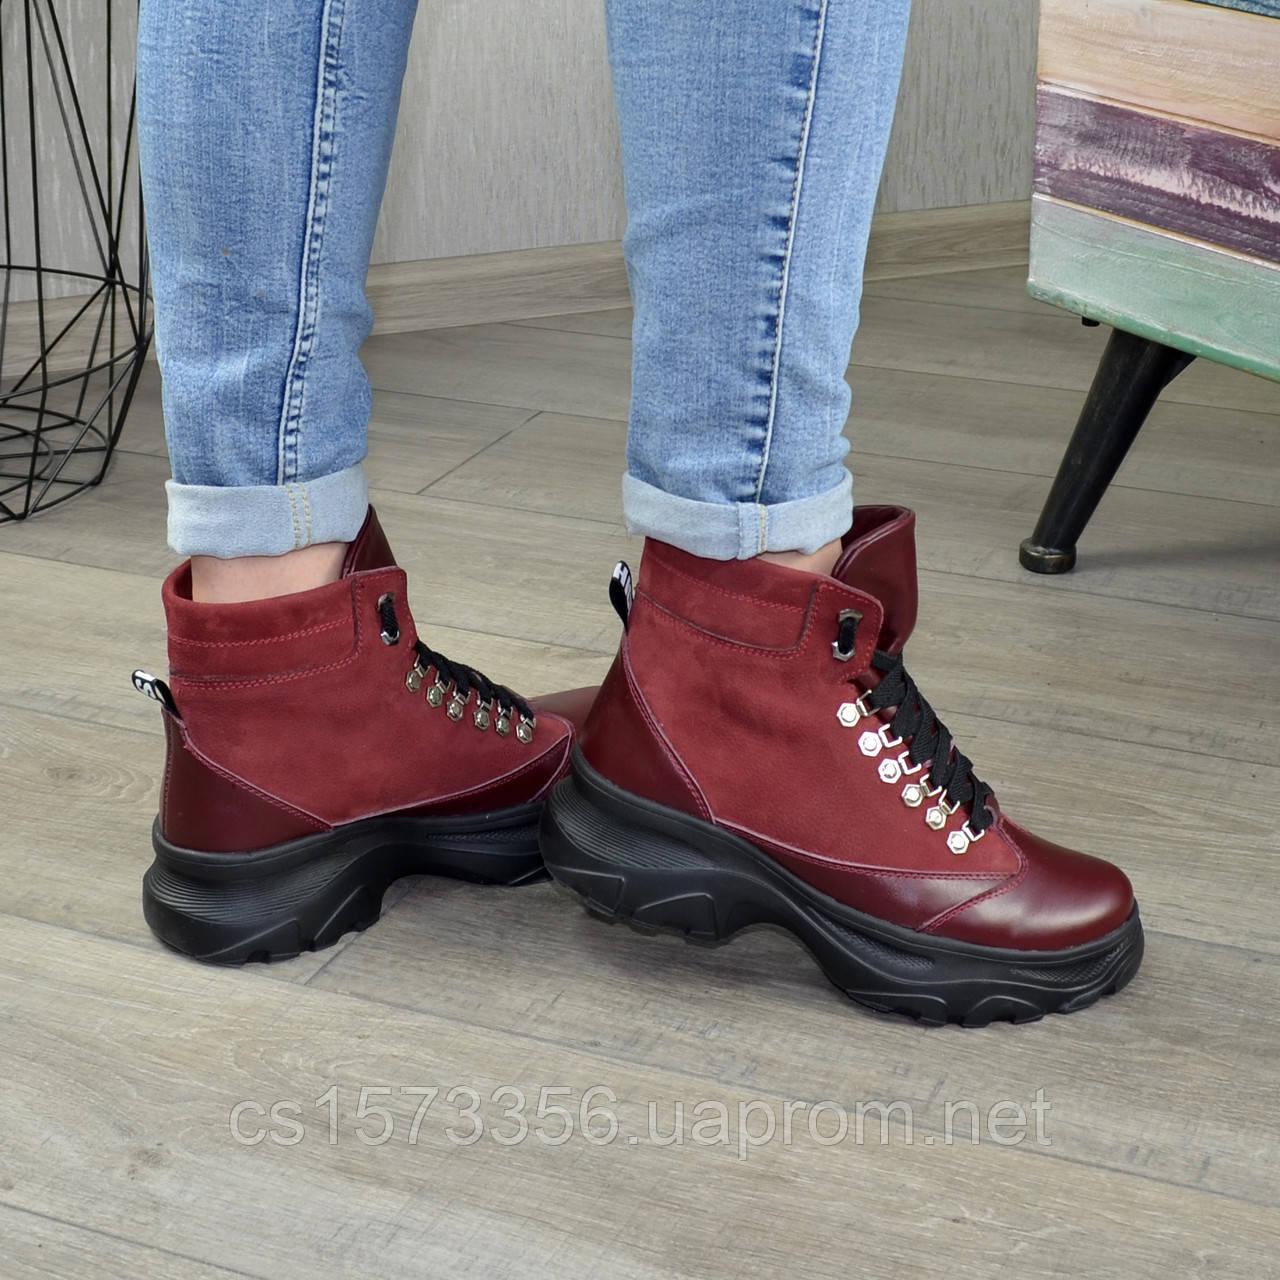 Ботинки женские в спортивном стиле, на шнорувке, натуральная кожа и нубук бордового цвета